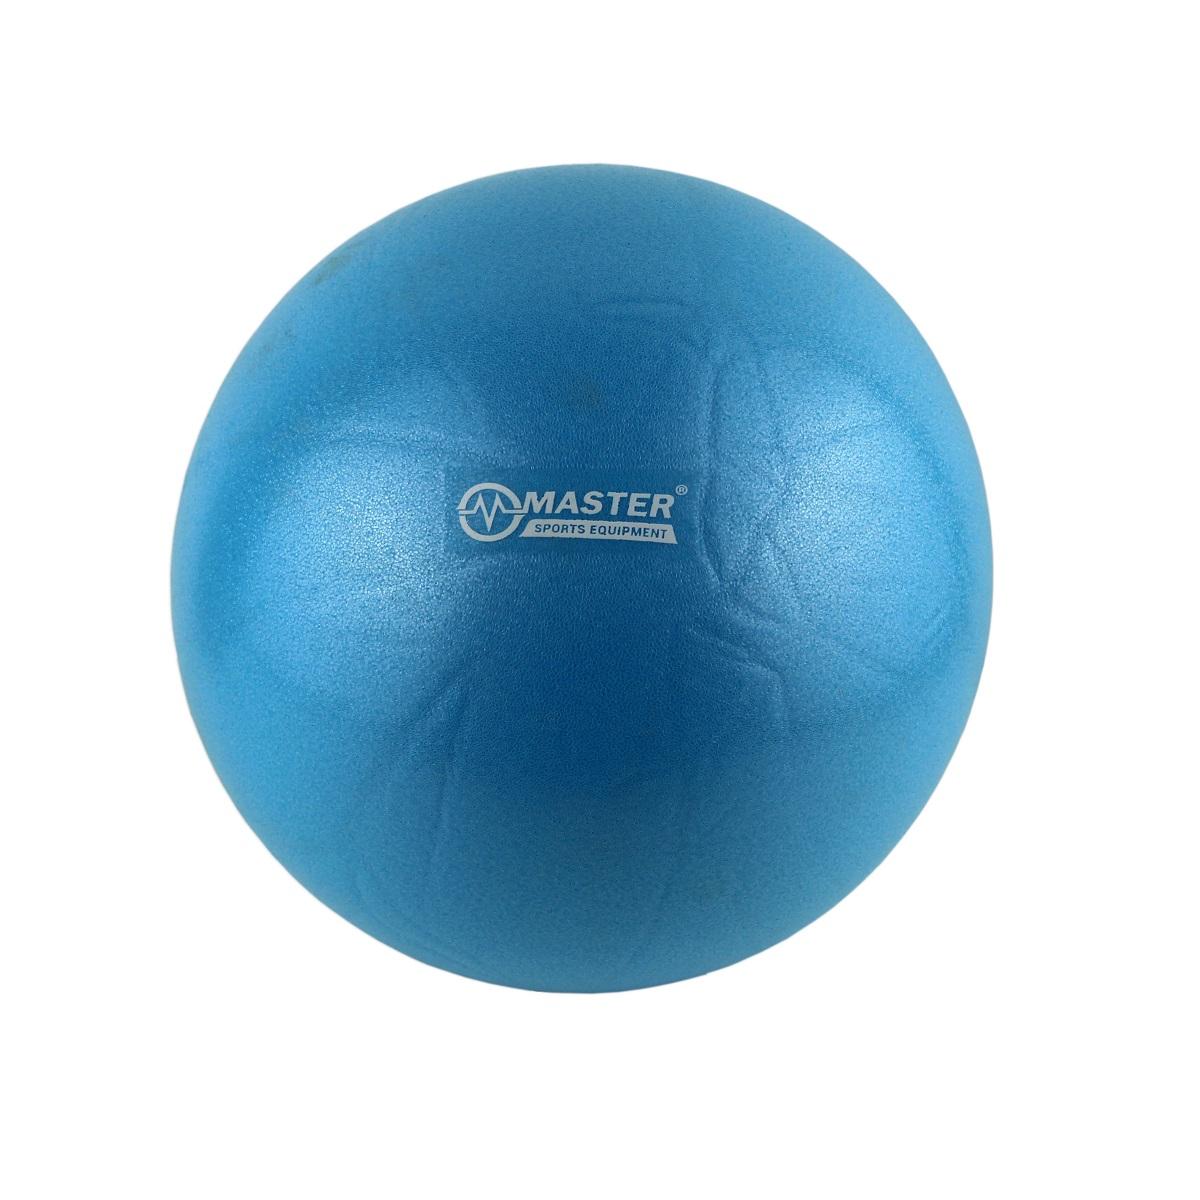 Gymnastický míč MASTER over ball - 24 cm - modrý